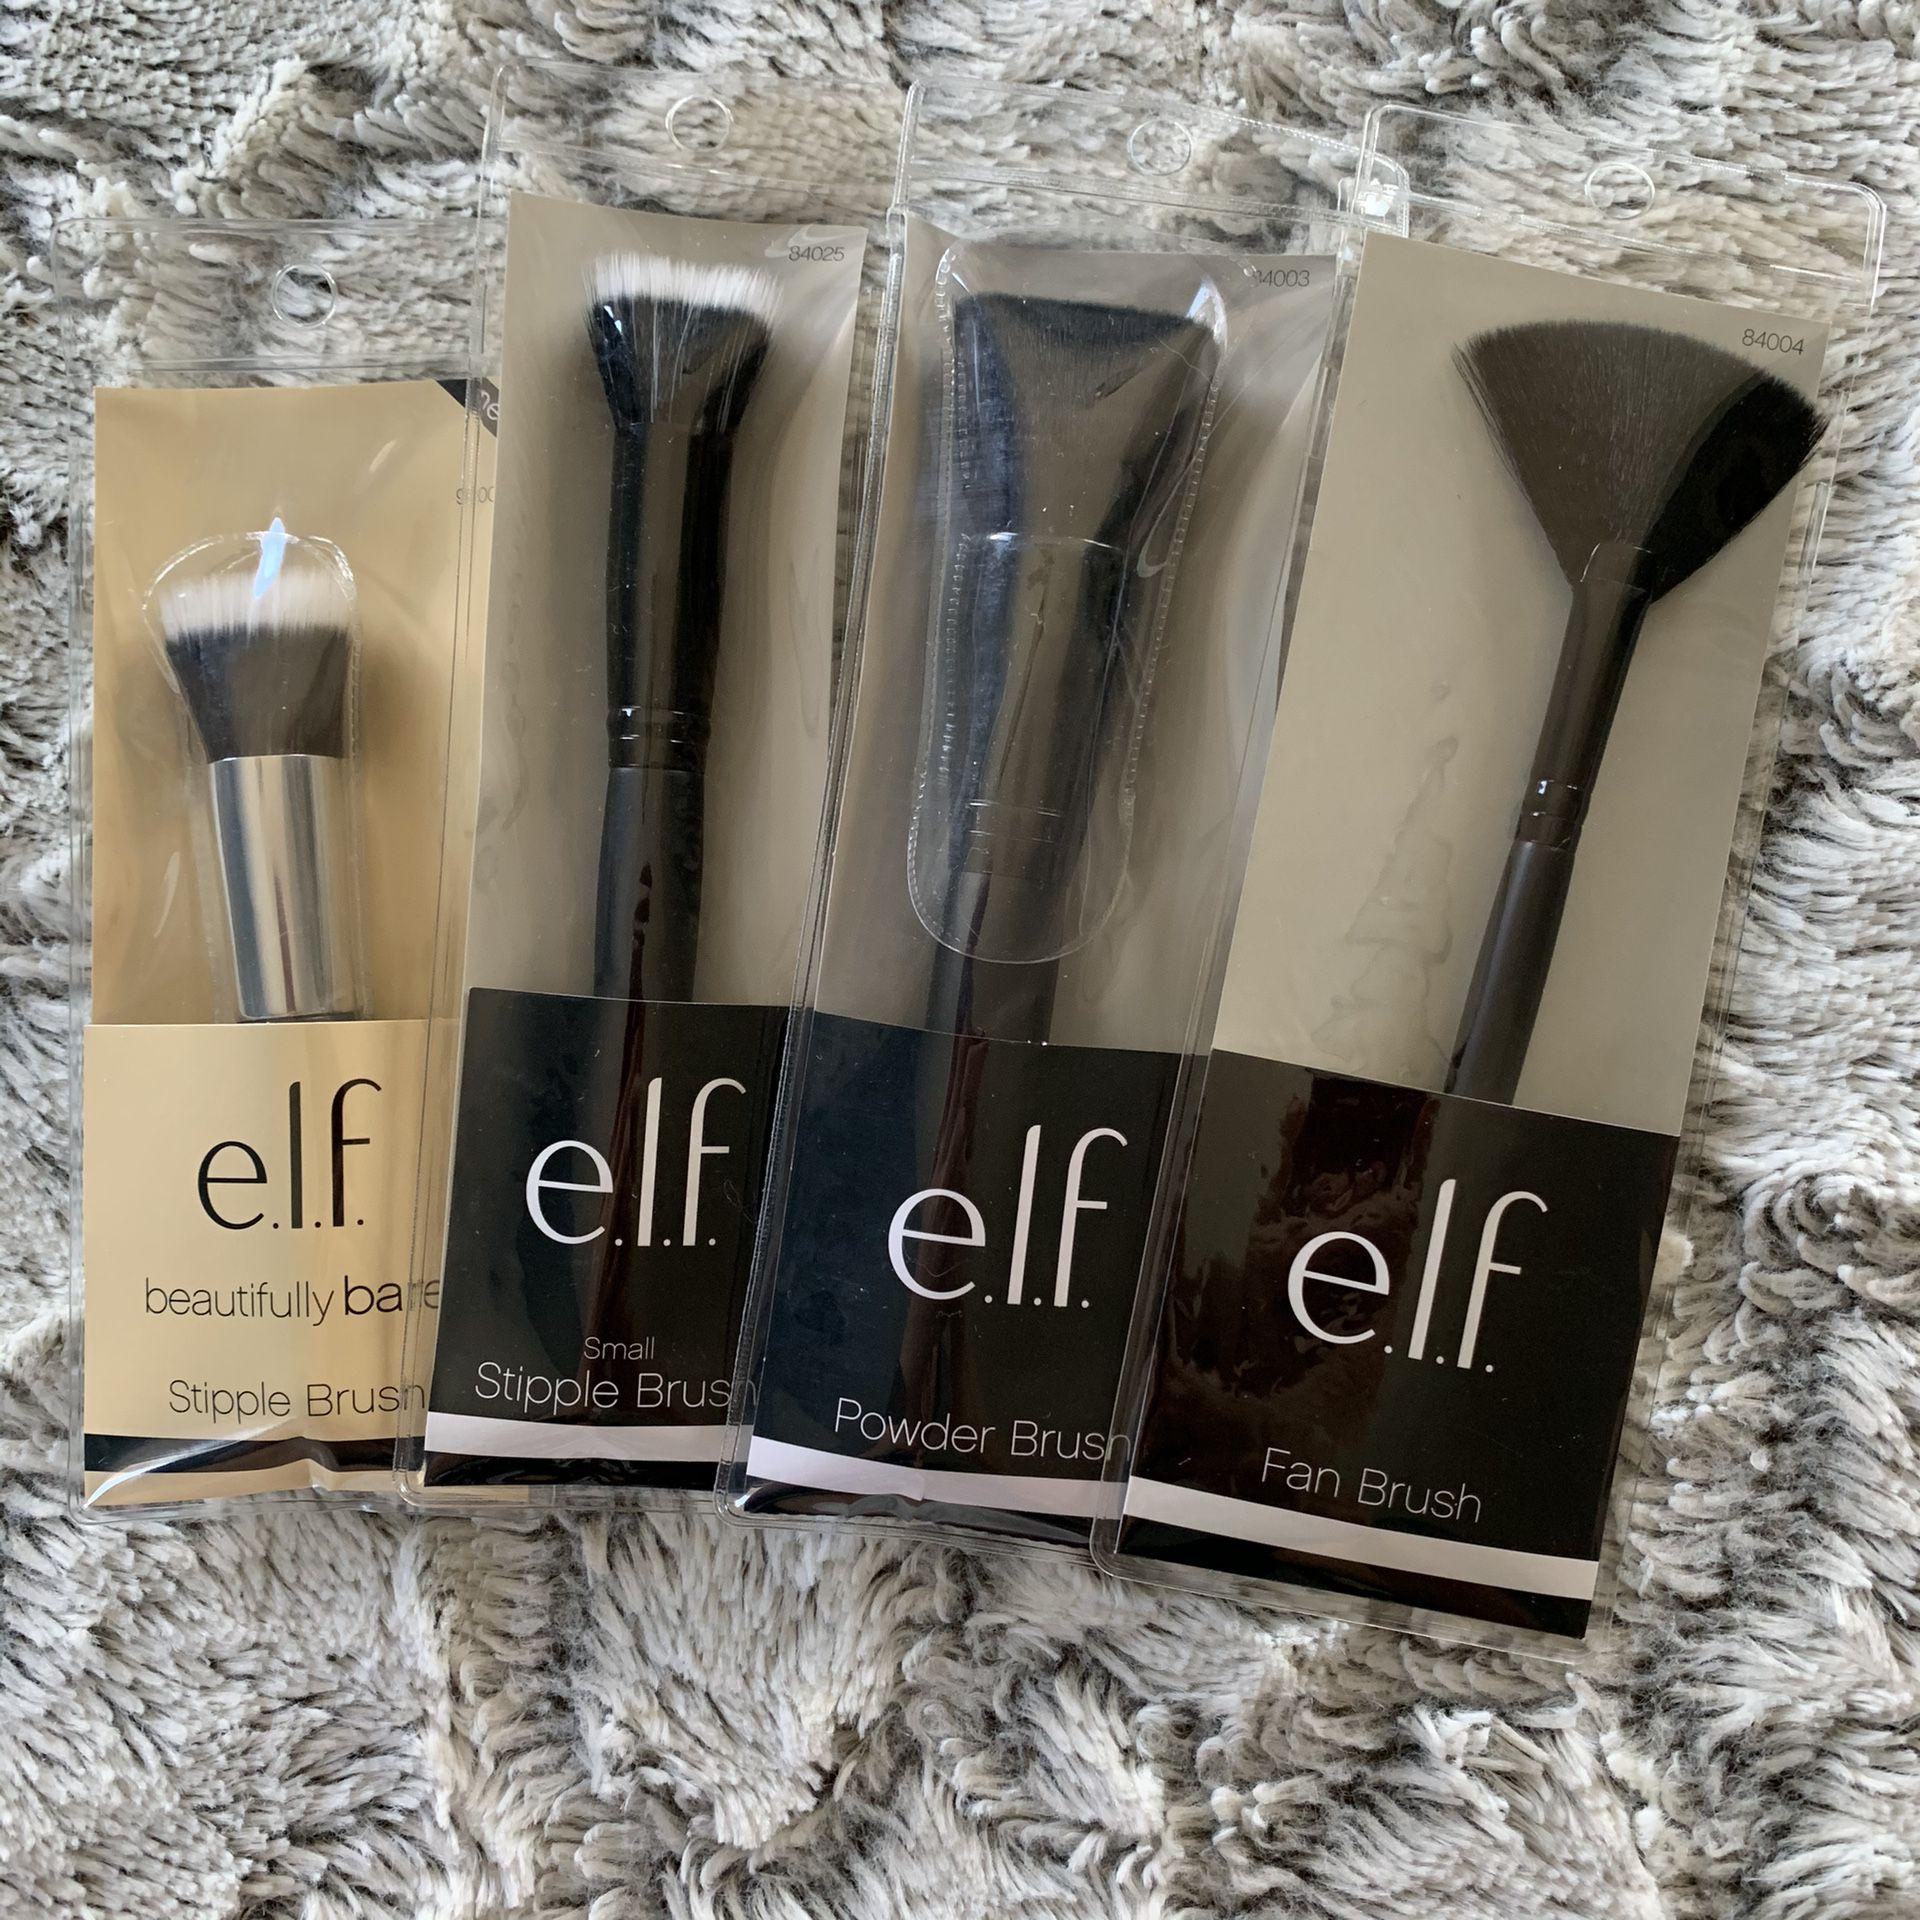 NIB e.l.f. 4pc Makeup Brushes Set A